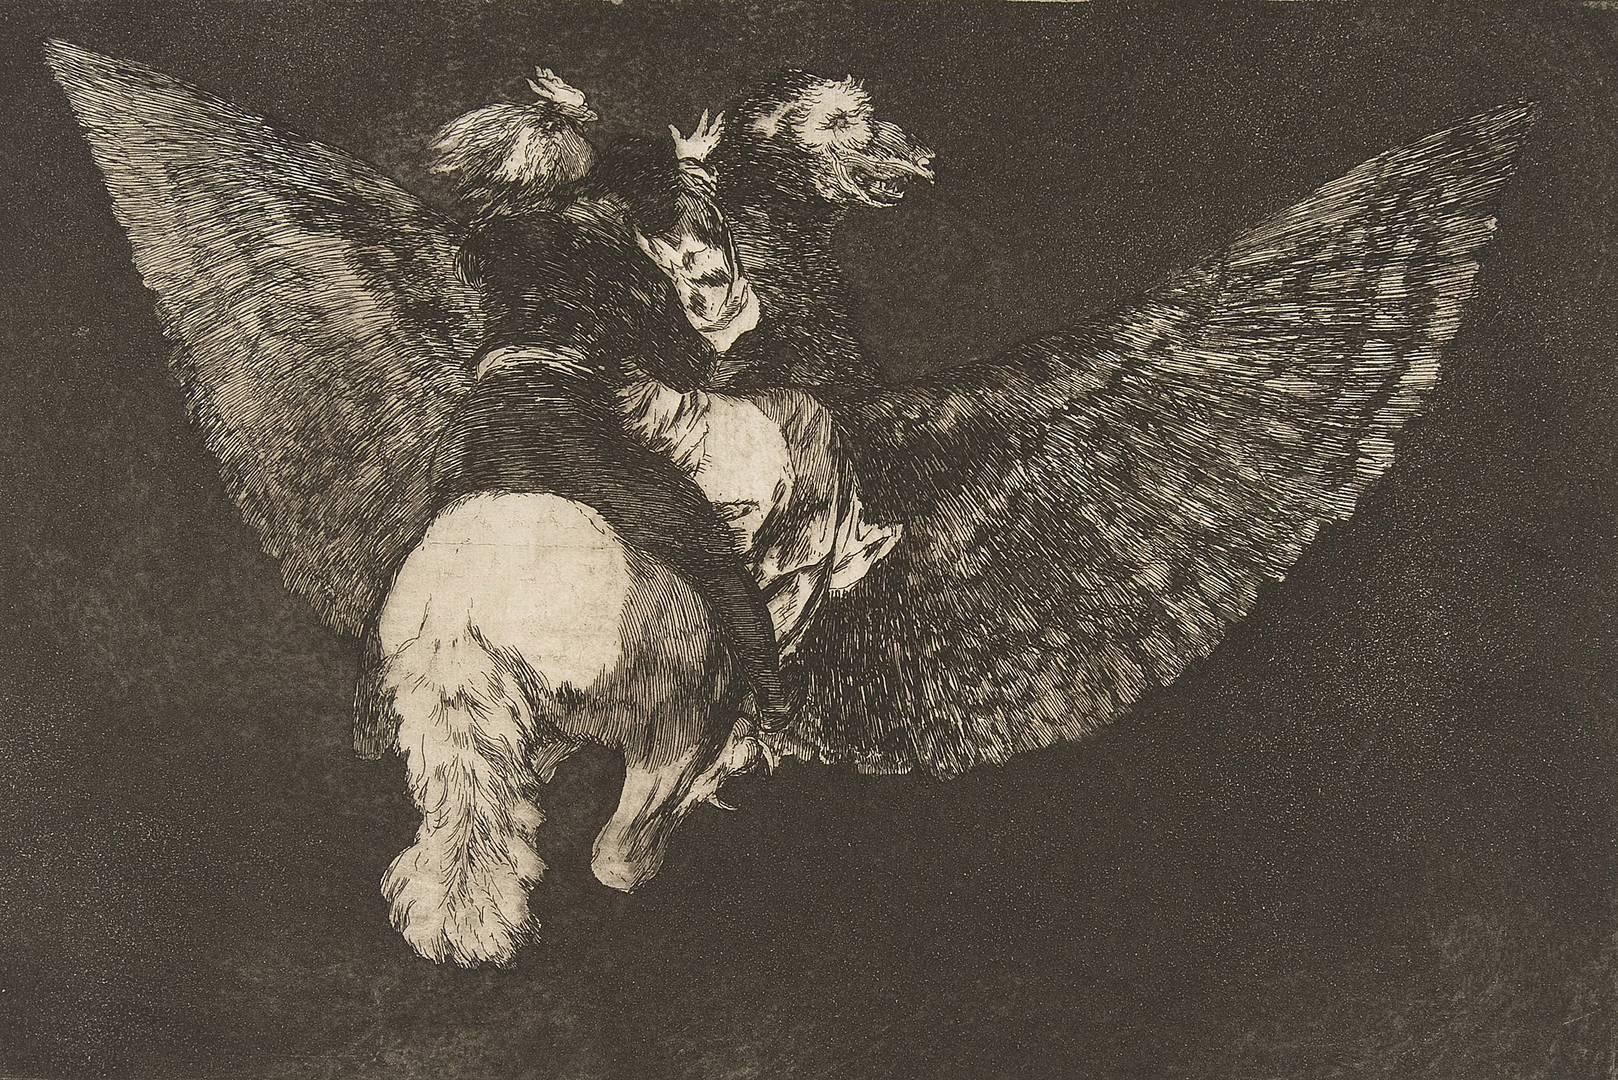 Франсиско Гойя. Летающая глупость. Ок. 1816–1823